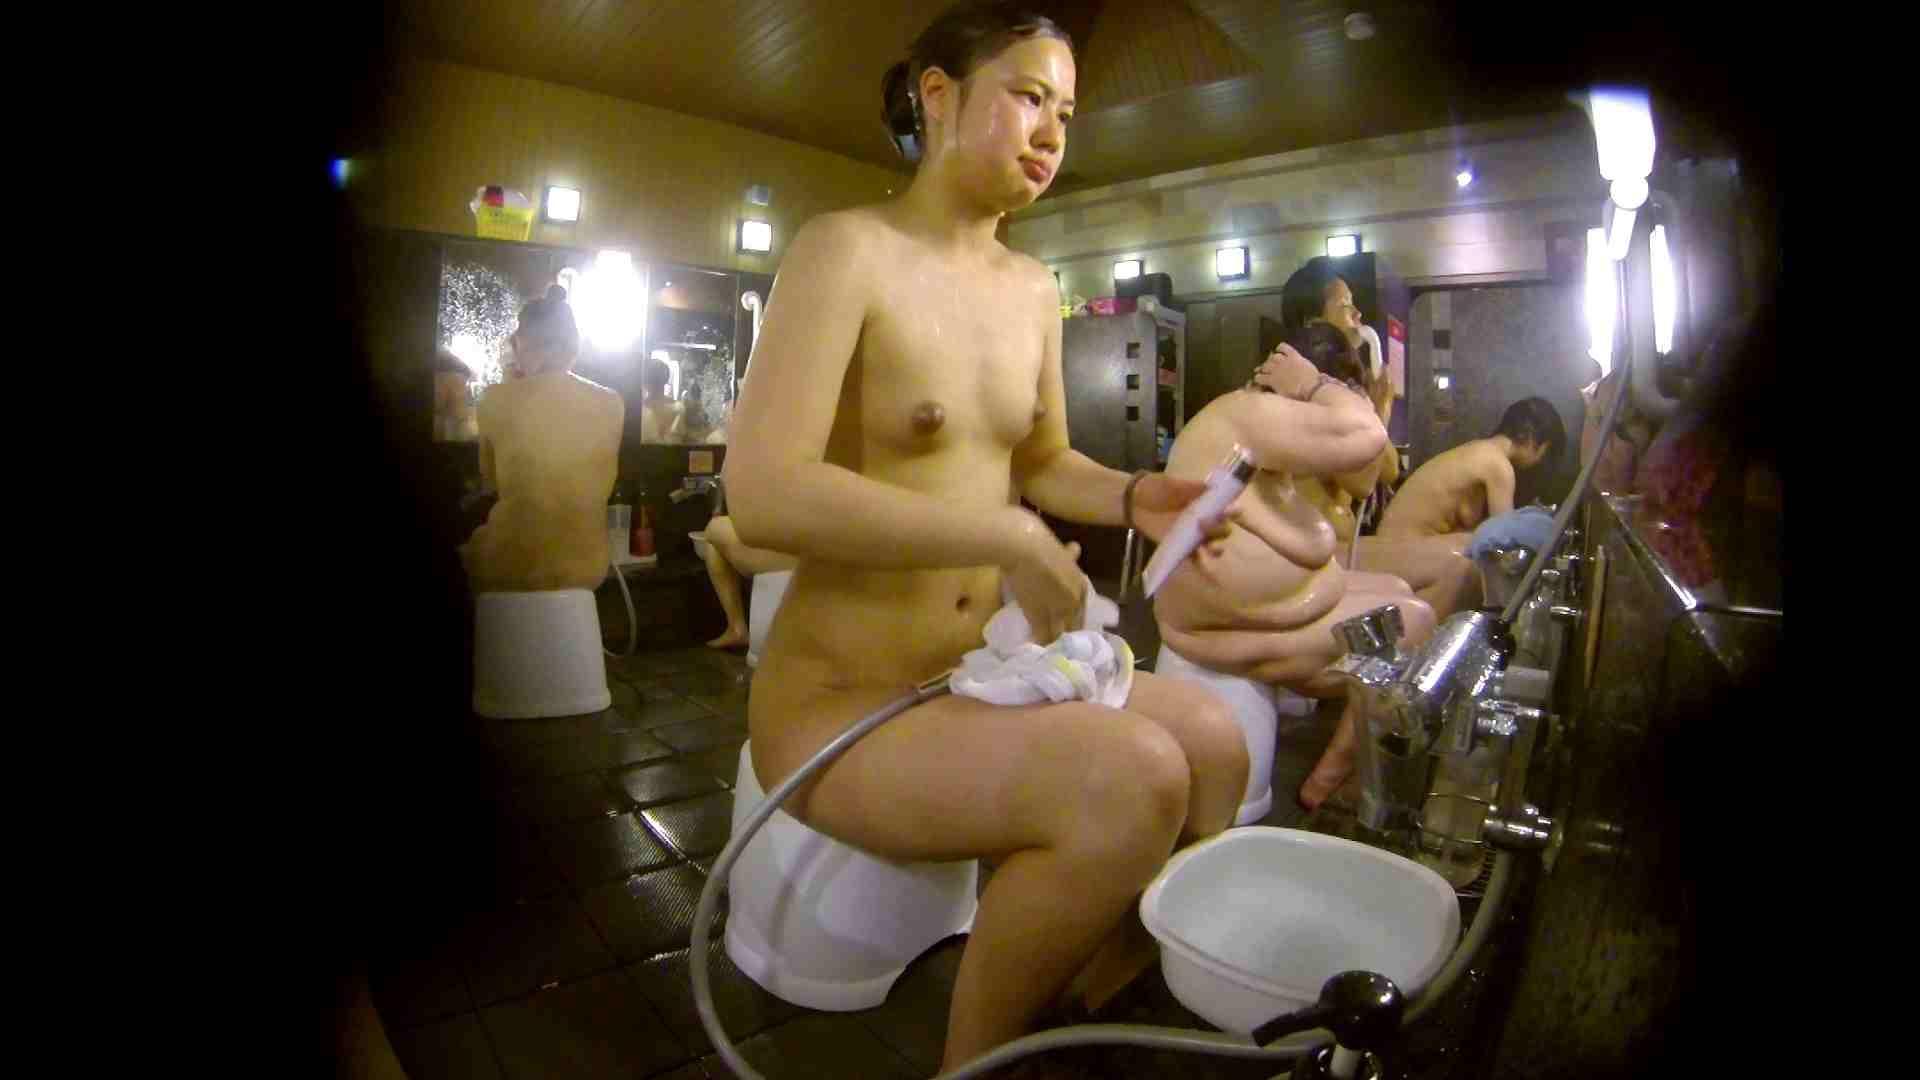 追い撮り!脱衣~洗い場、徹底追跡!撮り師さんに拍手!! 銭湯事情 セックス無修正動画無料 77枚 42